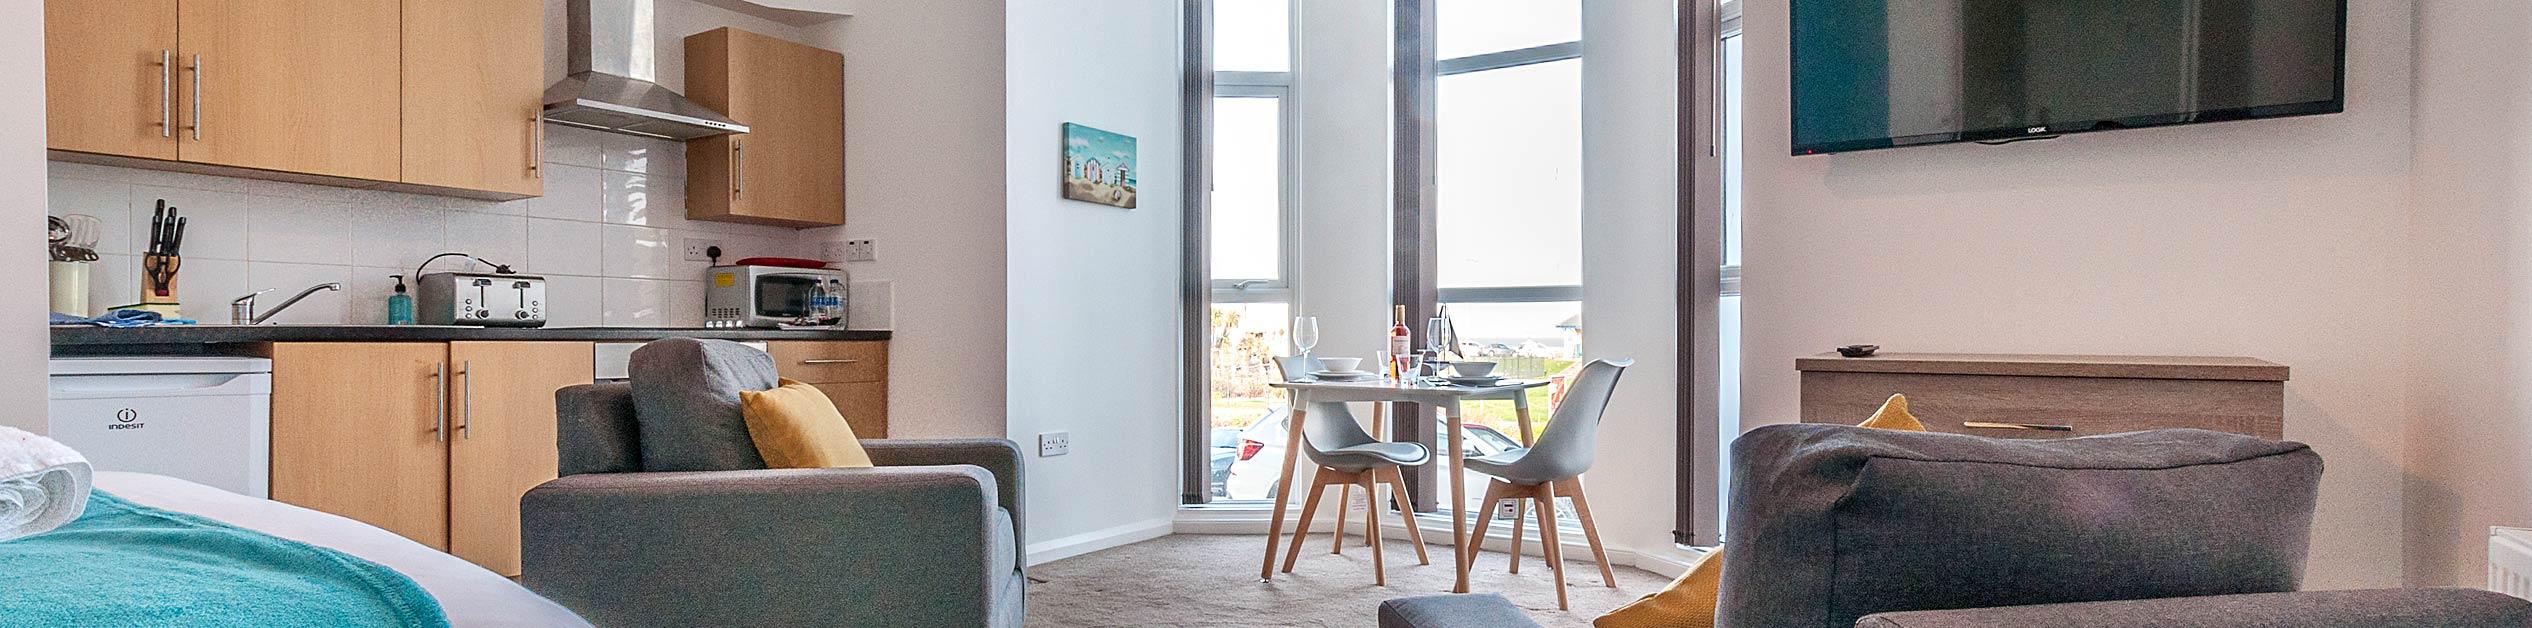 fiveway apartments